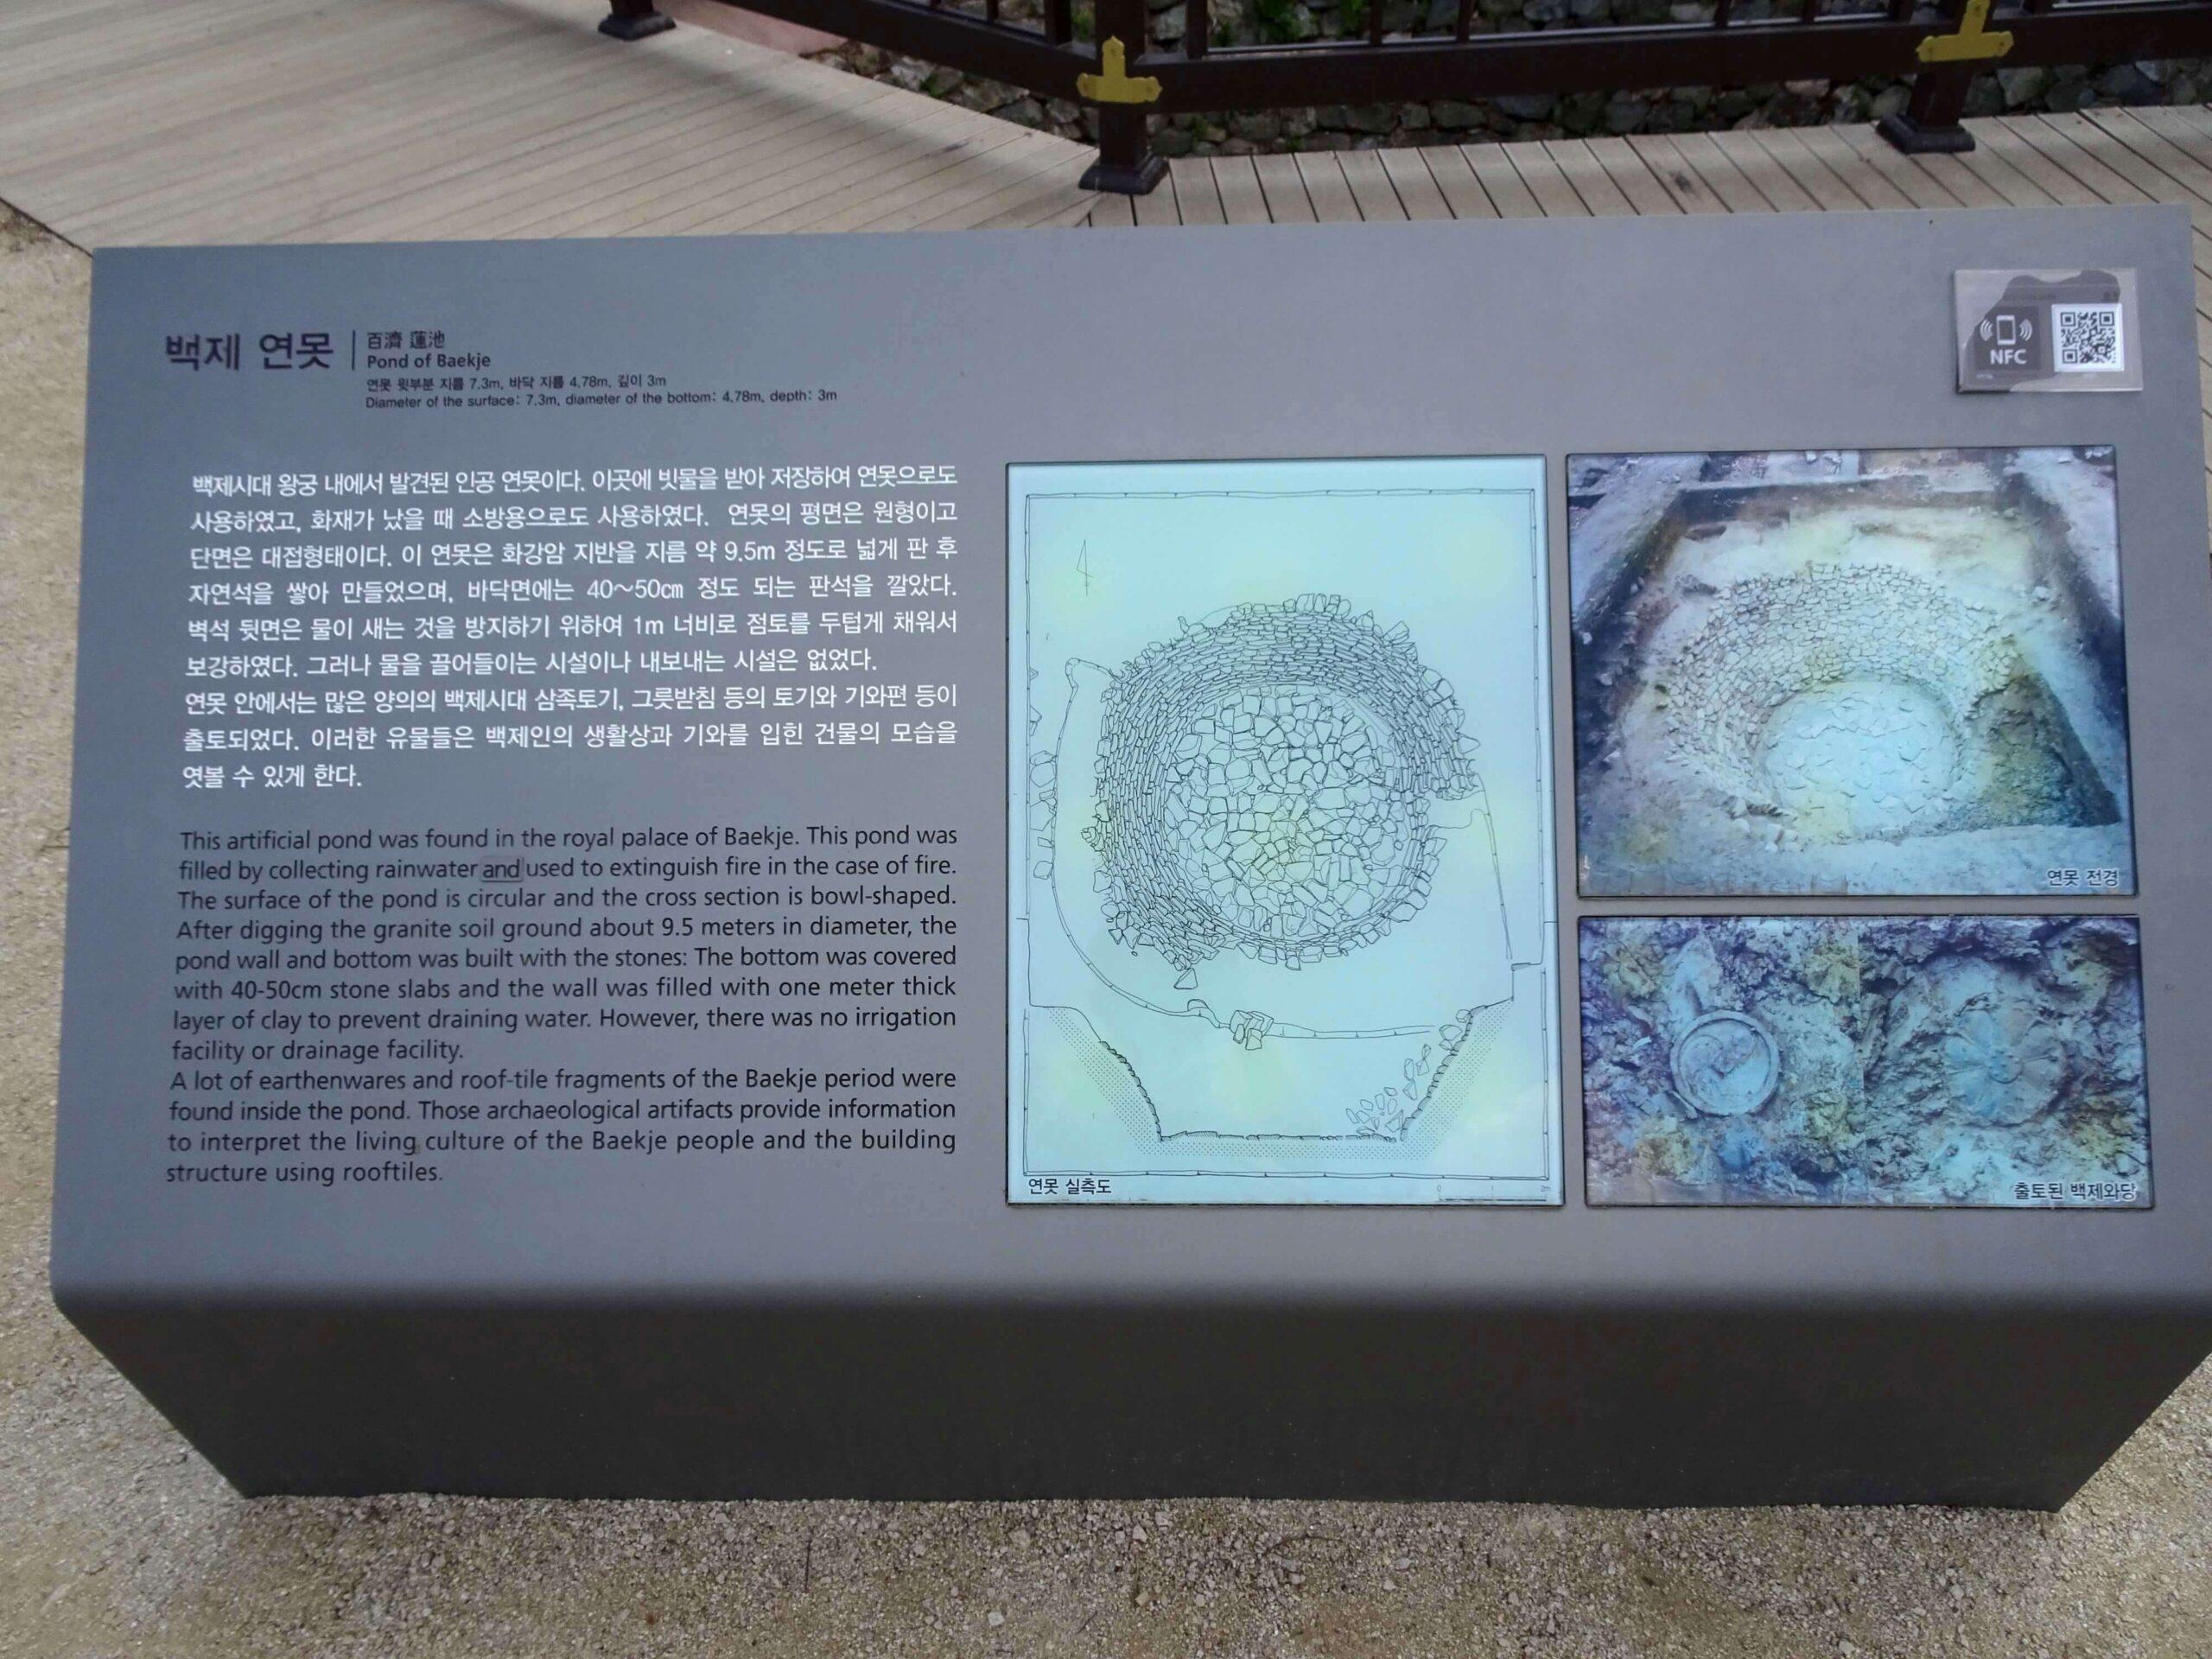 公山城に残るため池の解説板